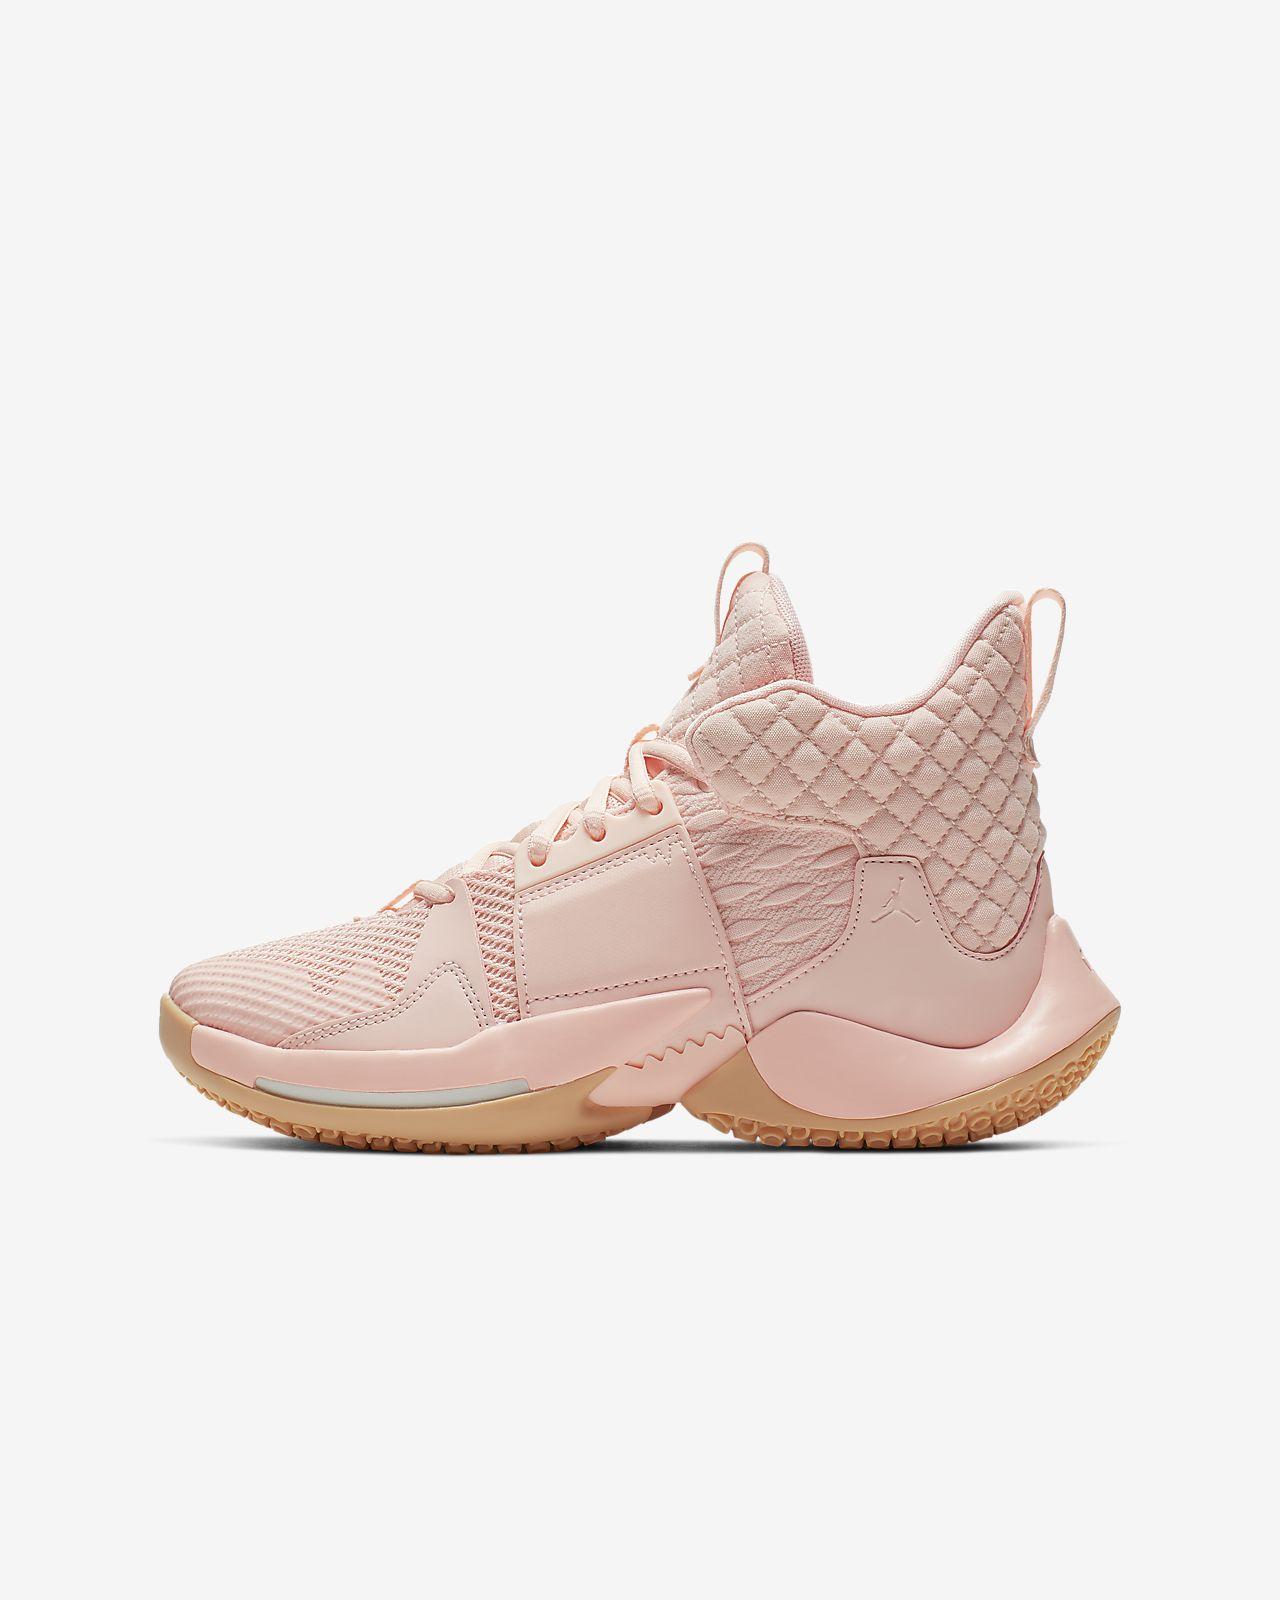 Da Basket Scarpa Basket Jordan Scarpa Jordan Da Jordan Scarpa Basket Scarpa Da Basket Da rdBoWCex